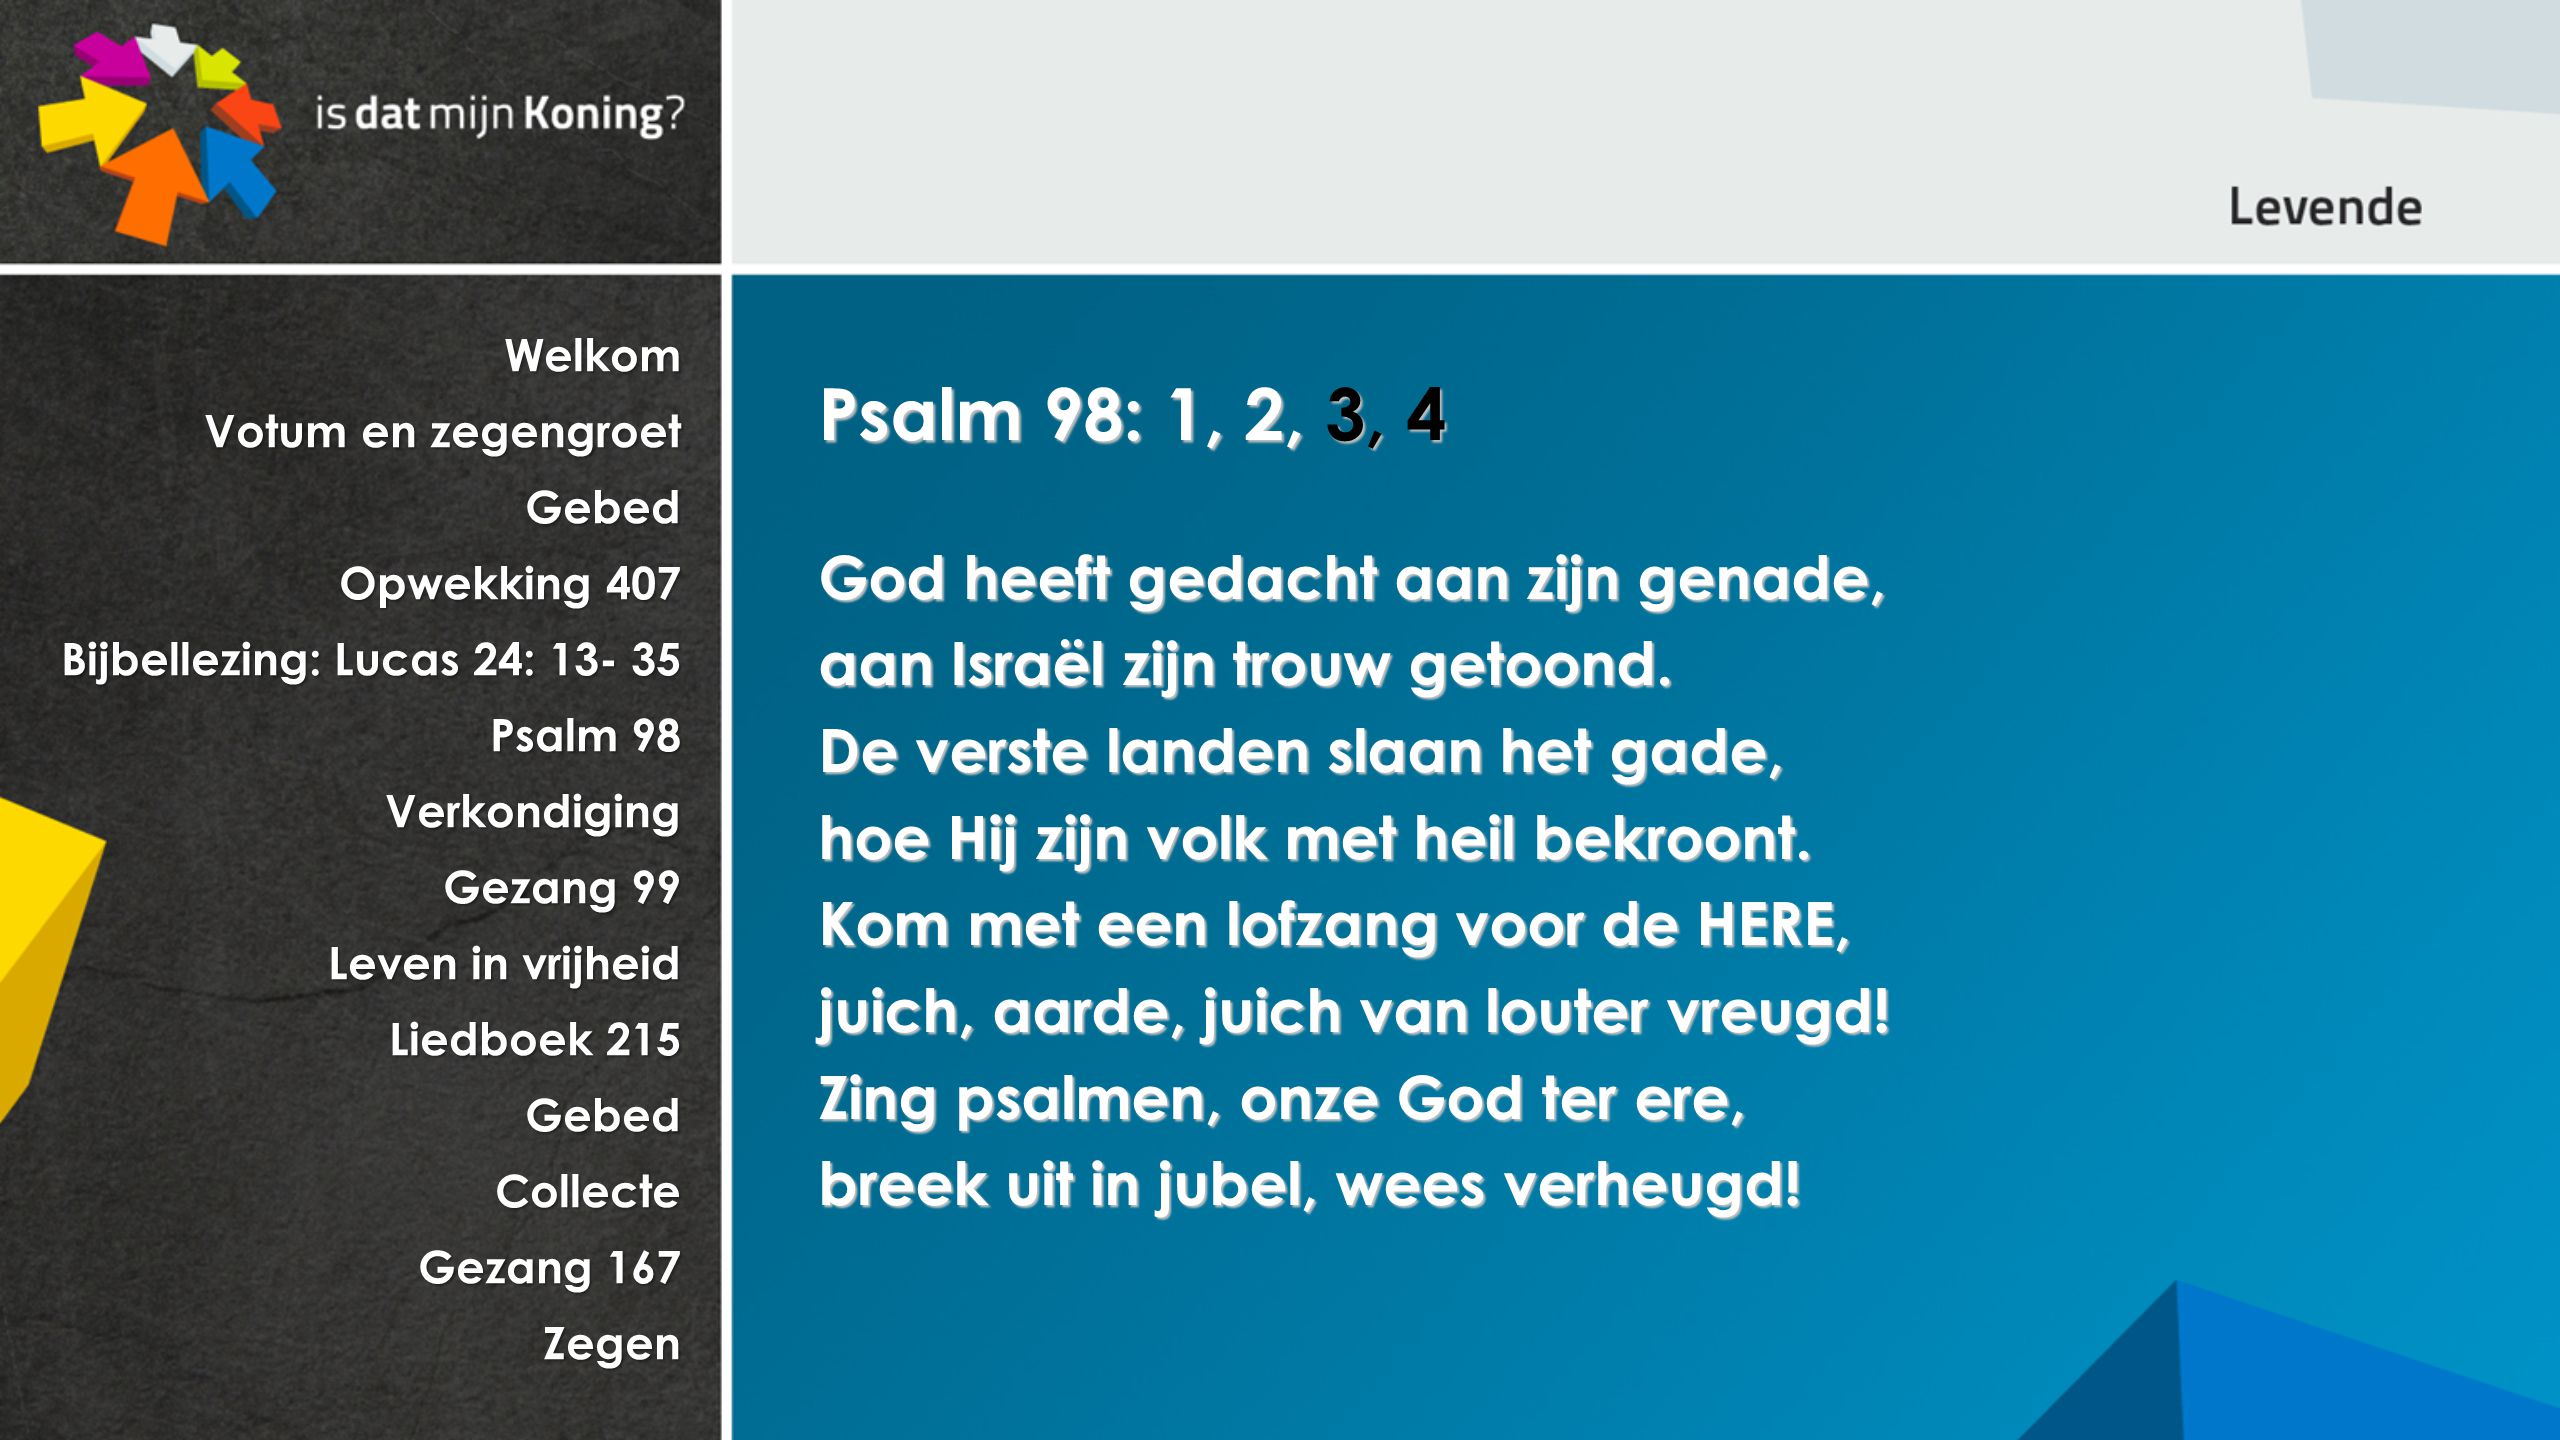 Psalm 98: 1, 2, 3, 4 God heeft gedacht aan zijn genade,